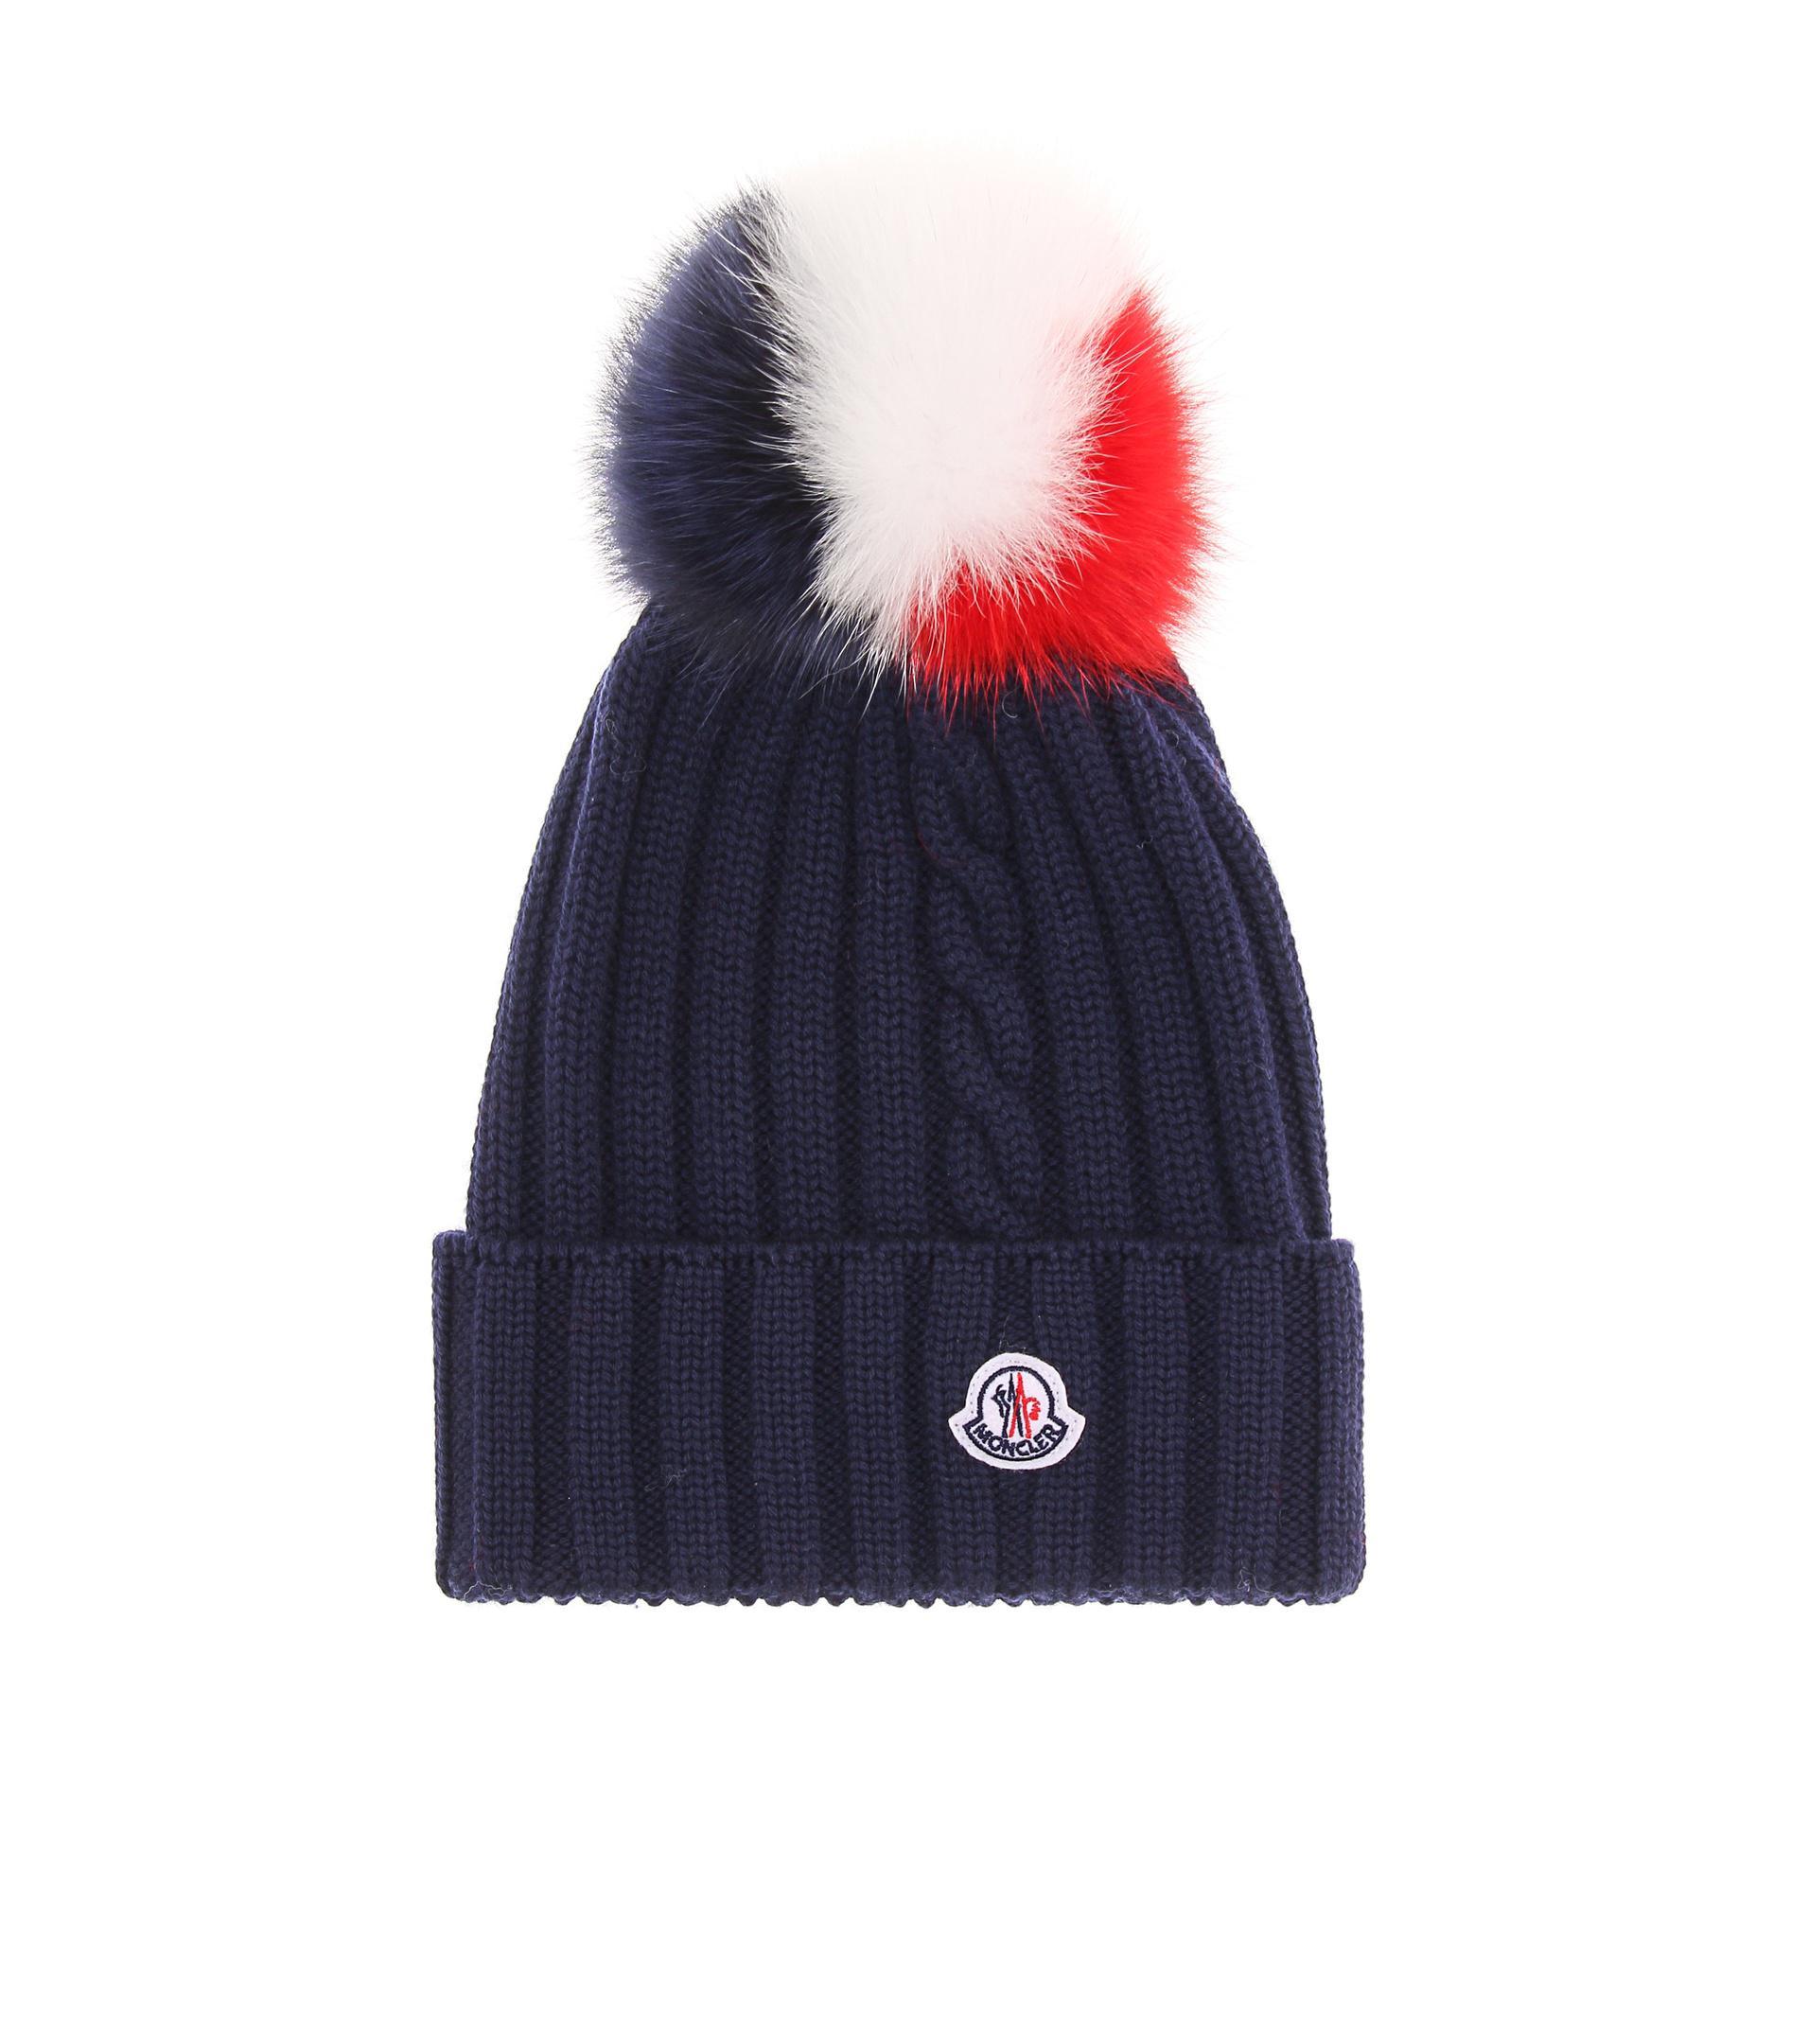 Lyst - Gorro de lana con adorno de pelo Moncler de color Negro 92b769b9f0b